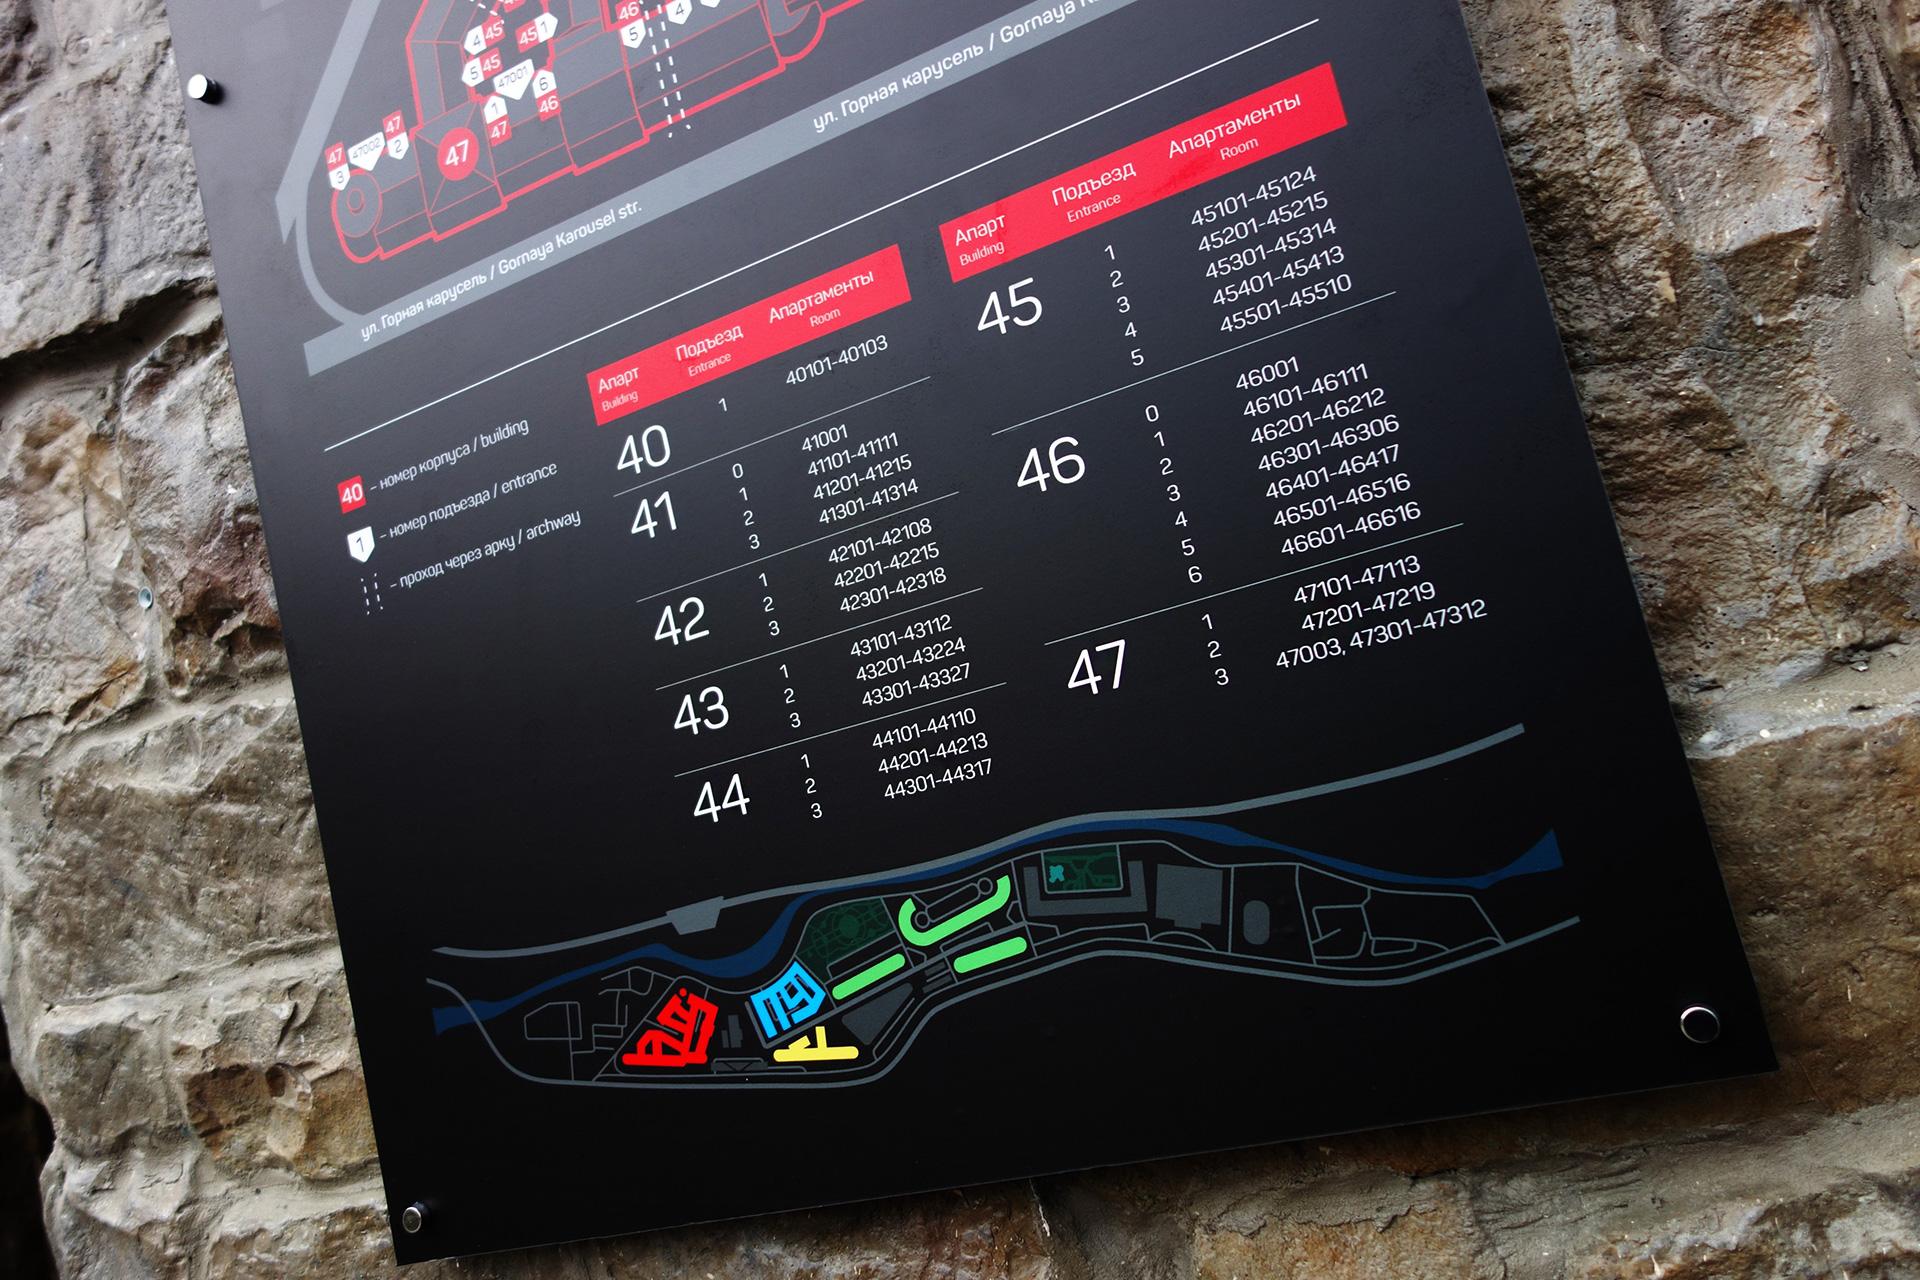 Асгард Брендинг, Красная Поляна, Курорт Красная Поляна, ребрендинг, средовой дизайн, фирменный стиль, айдентика, лого, курорт, дизайн, графический дизайн, система графической навигации